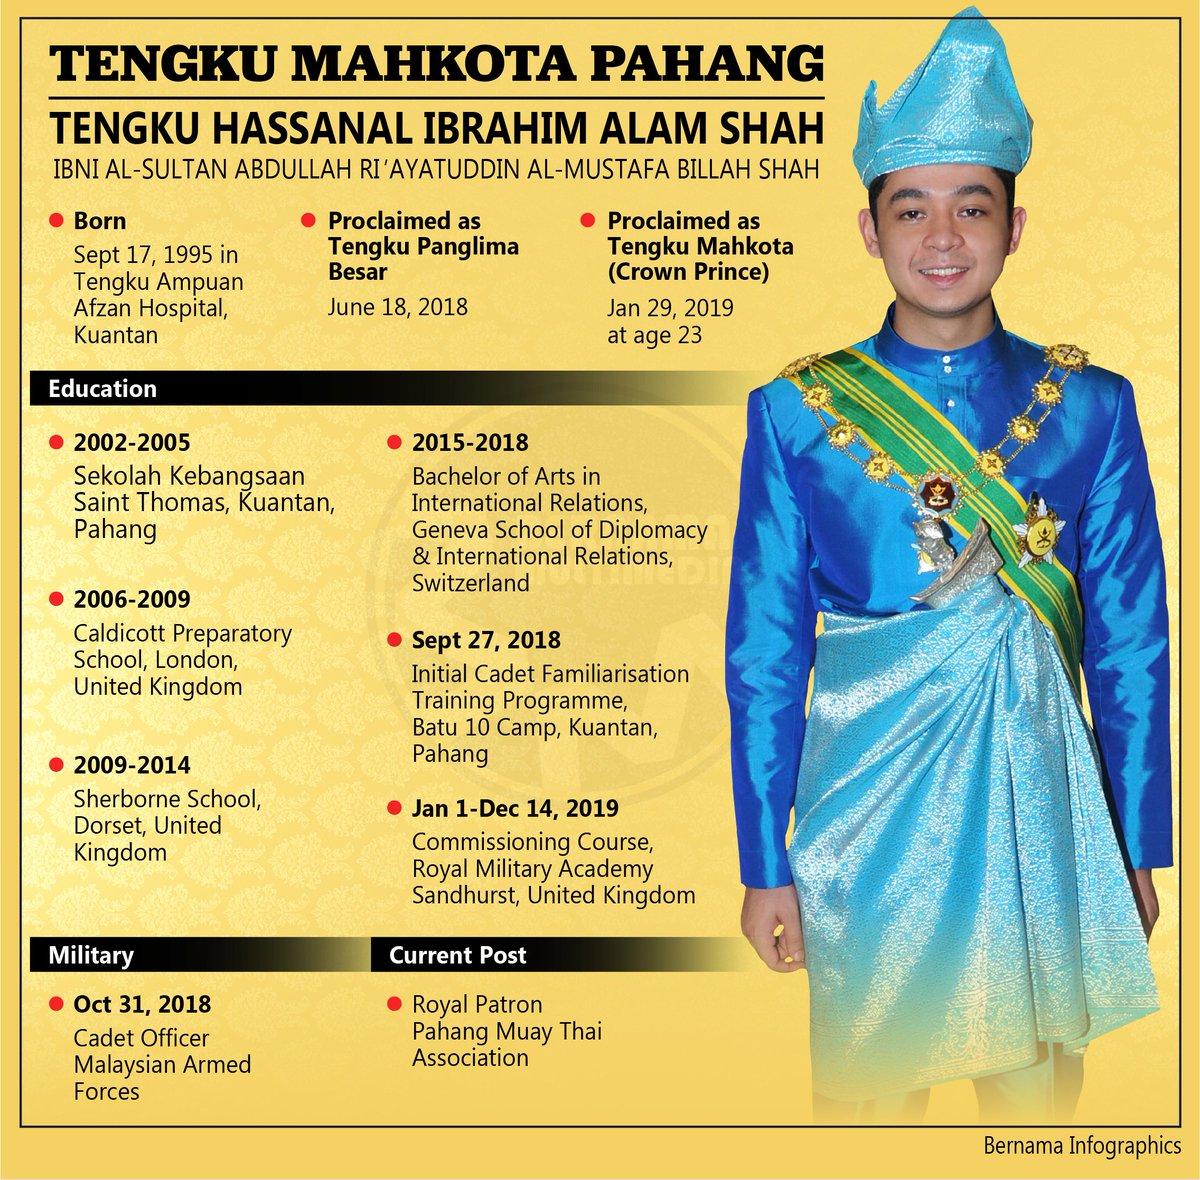 Tengku Alam Shah